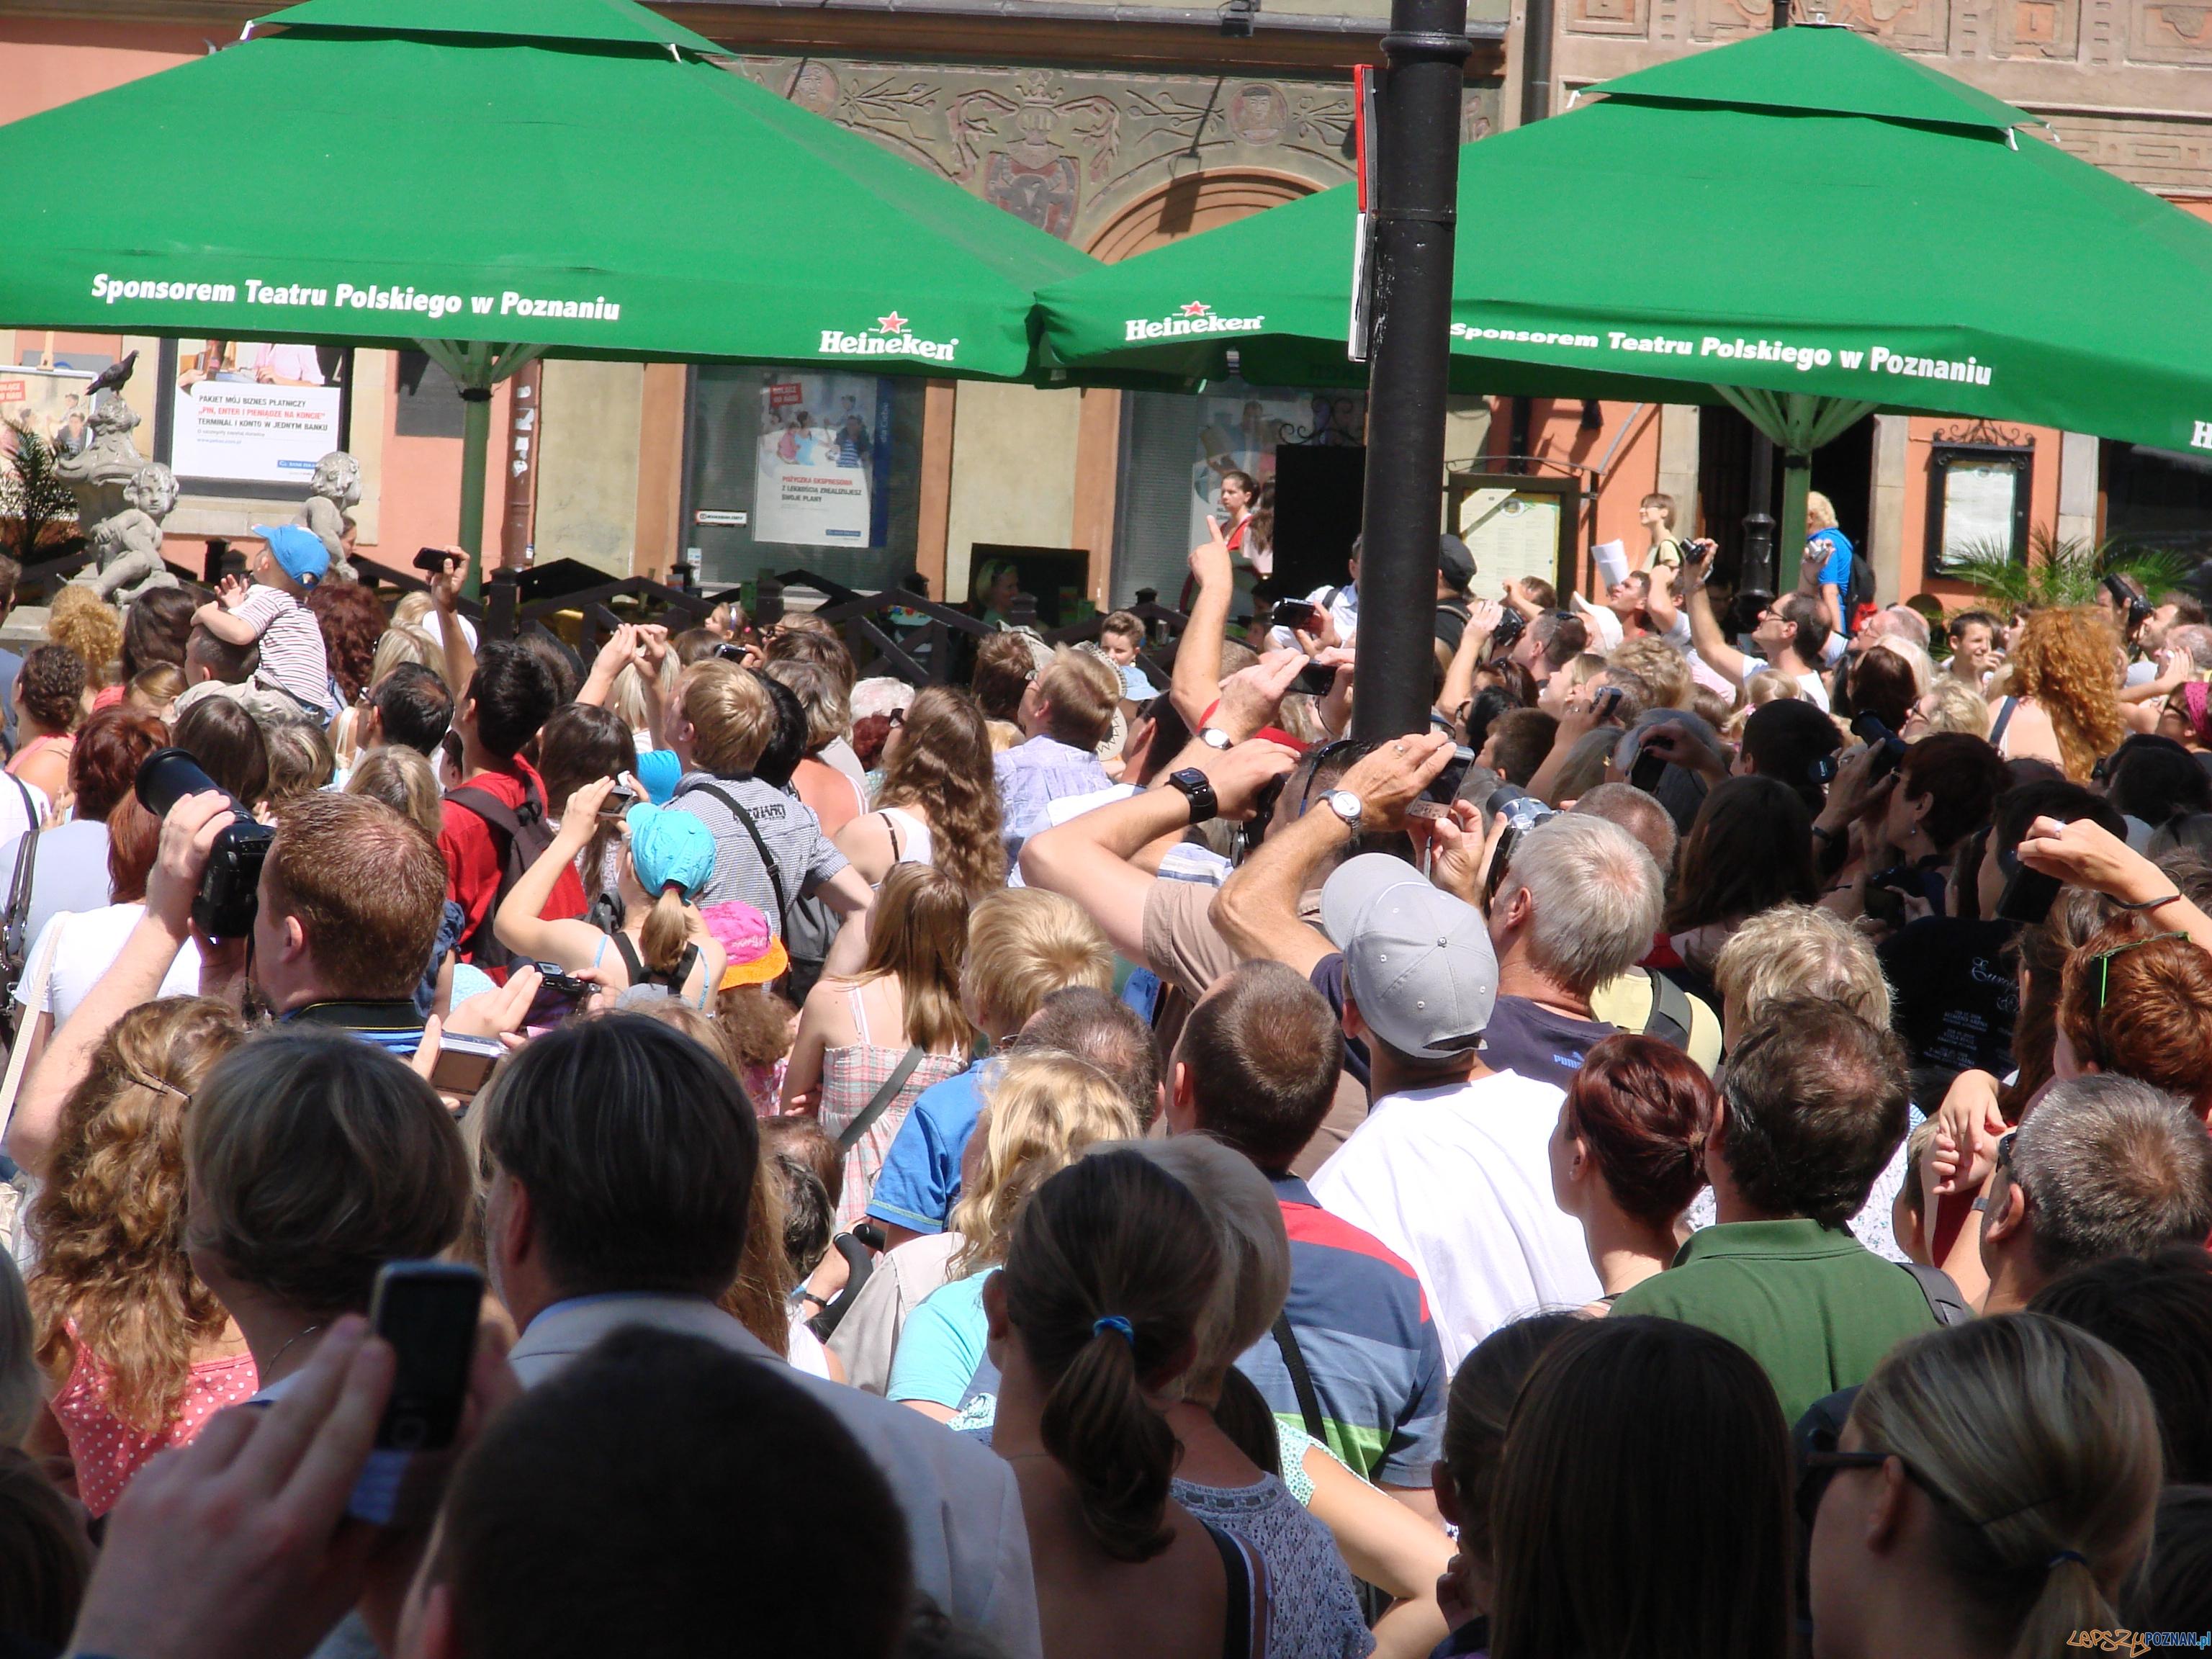 Tłum na Starym Rynku - godzina 12:00  Foto: lepszyPOZNAN.pl / ag